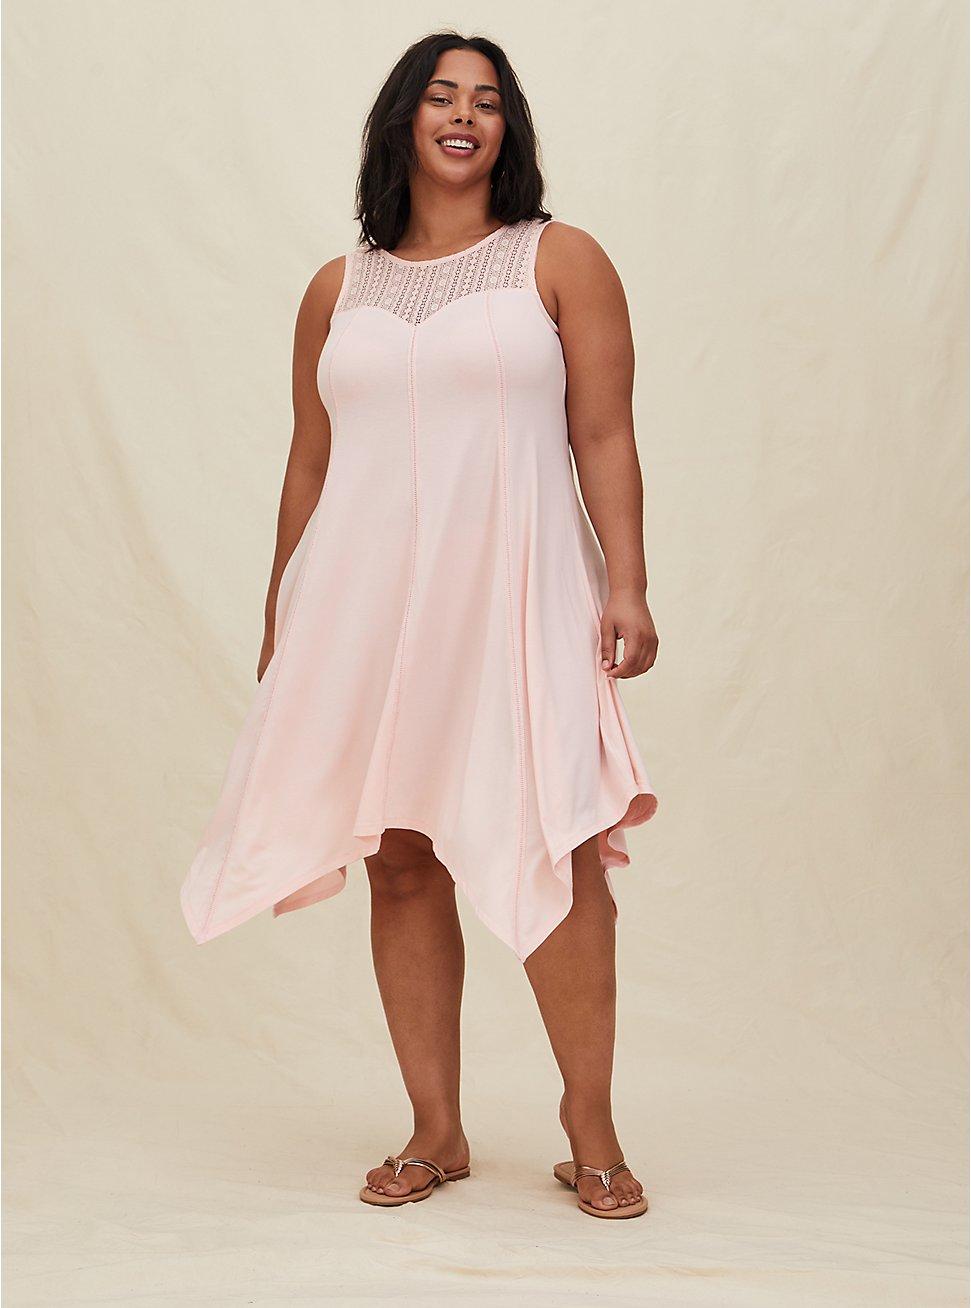 Peach Pink Jersey Lace Yoke Handkerchief Fluted Dress, GOSSAMER PINK, hi-res